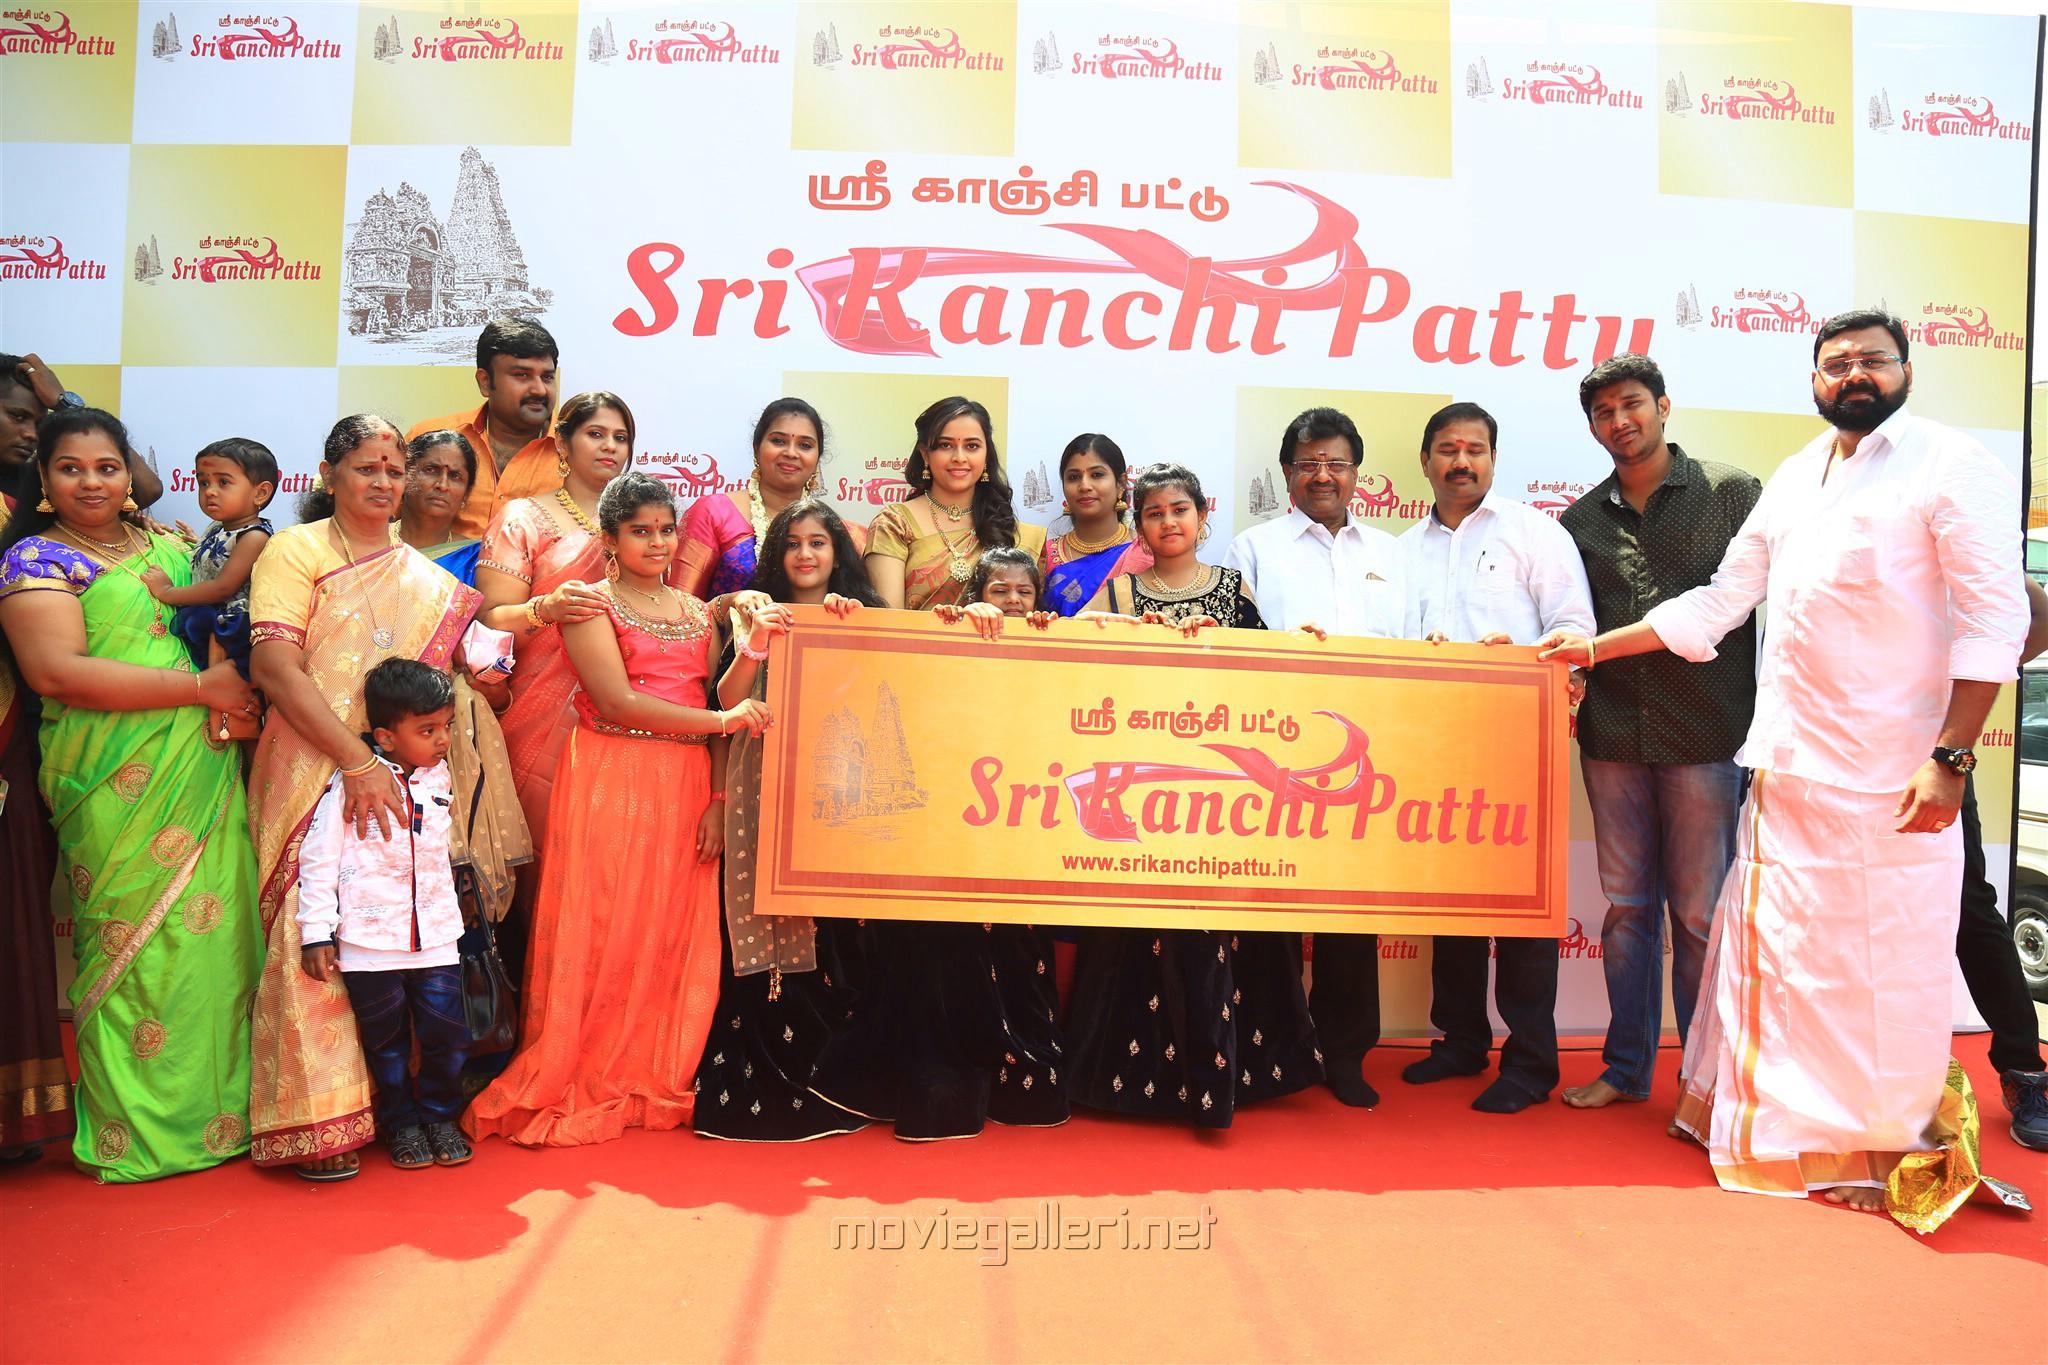 Sri Divya Launches 'Sri Kanchi Pattu' in Kanchipuram